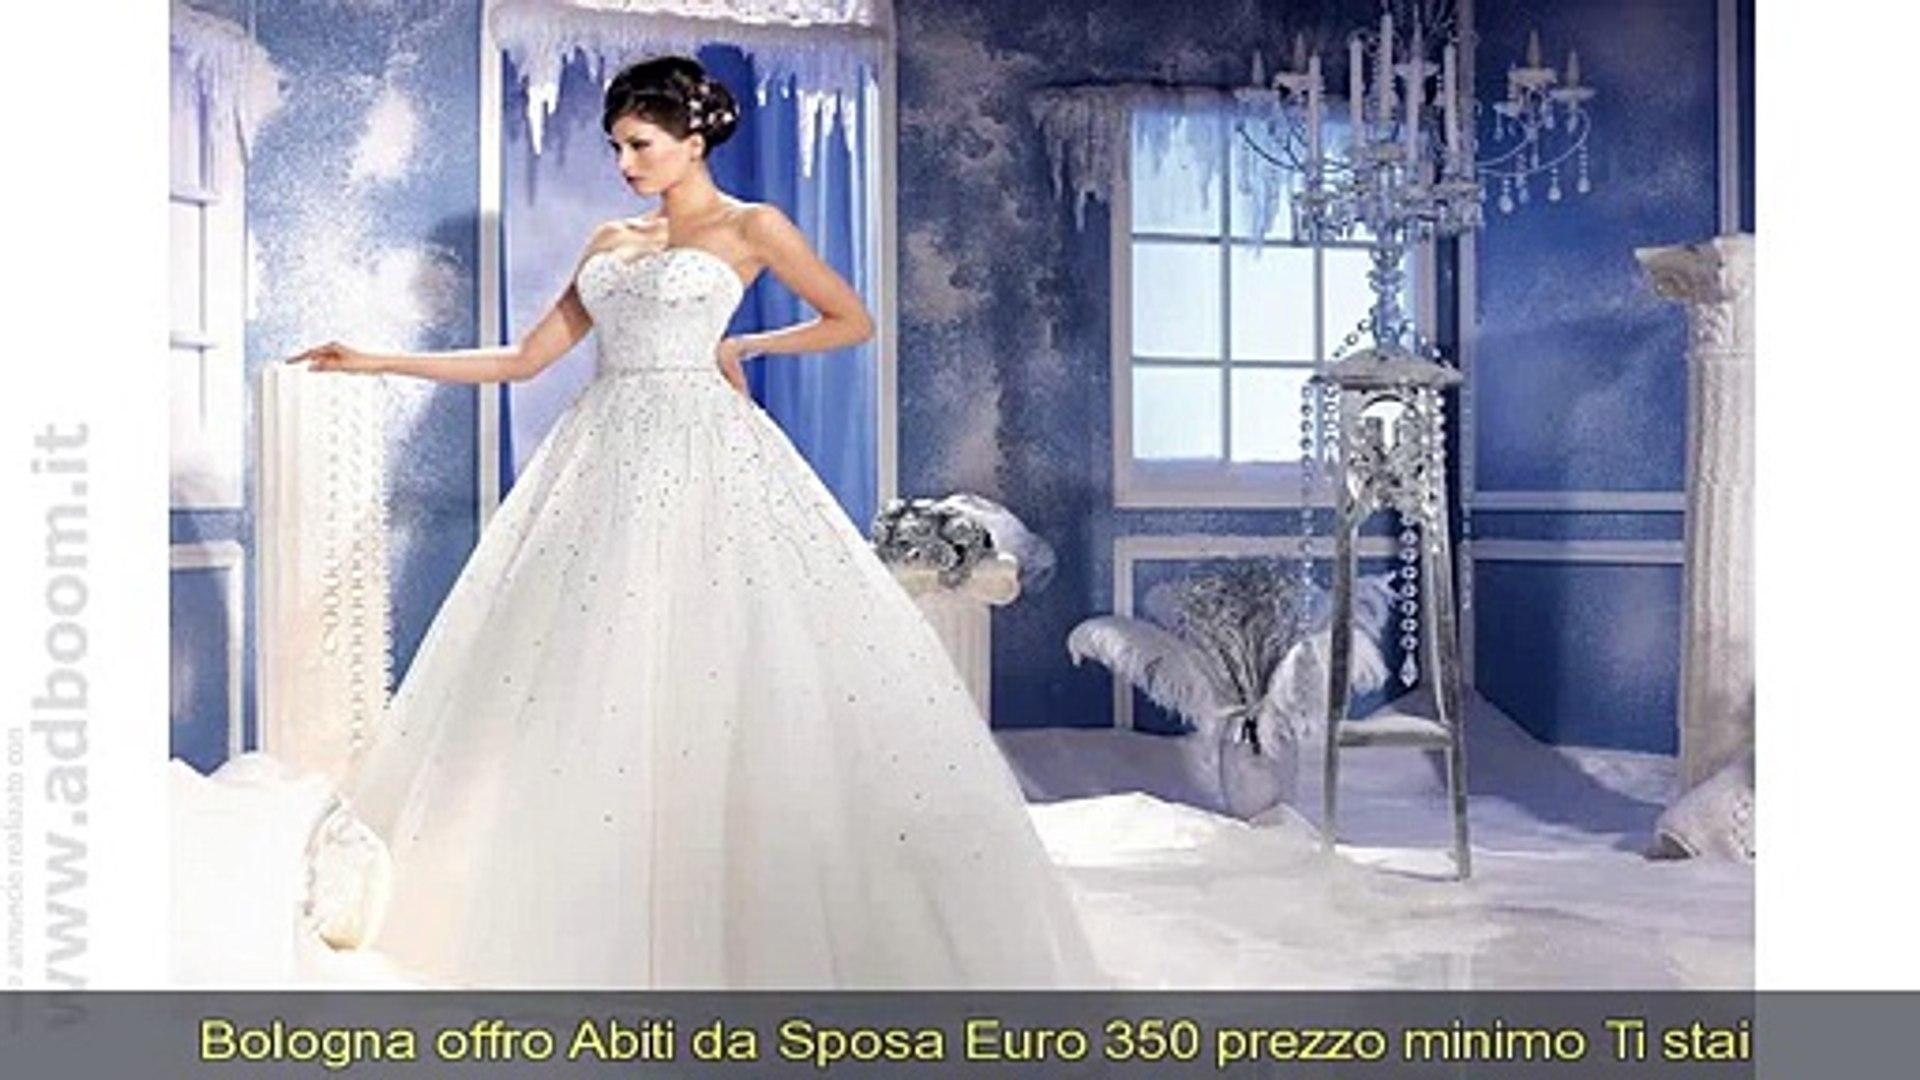 Abito Da Sposa 350 Euro.Bologna Crevalcore Abiti Da Sposa Euro 350 Video Dailymotion